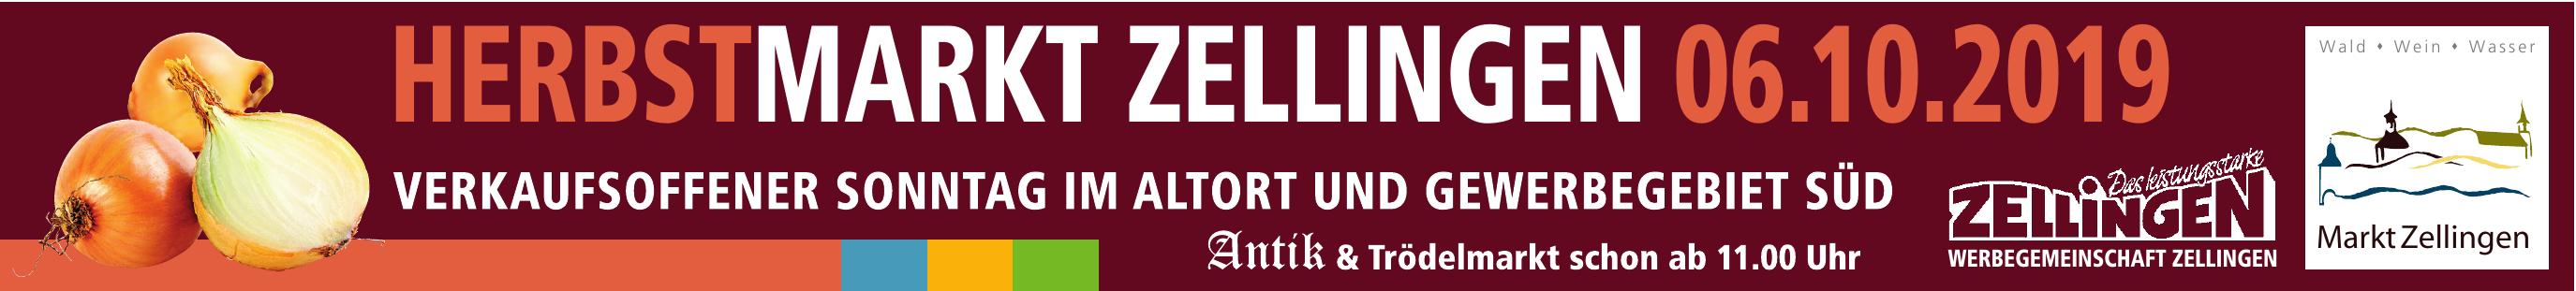 Herbstmarkt Zellingen 06.10.2019 Image 1